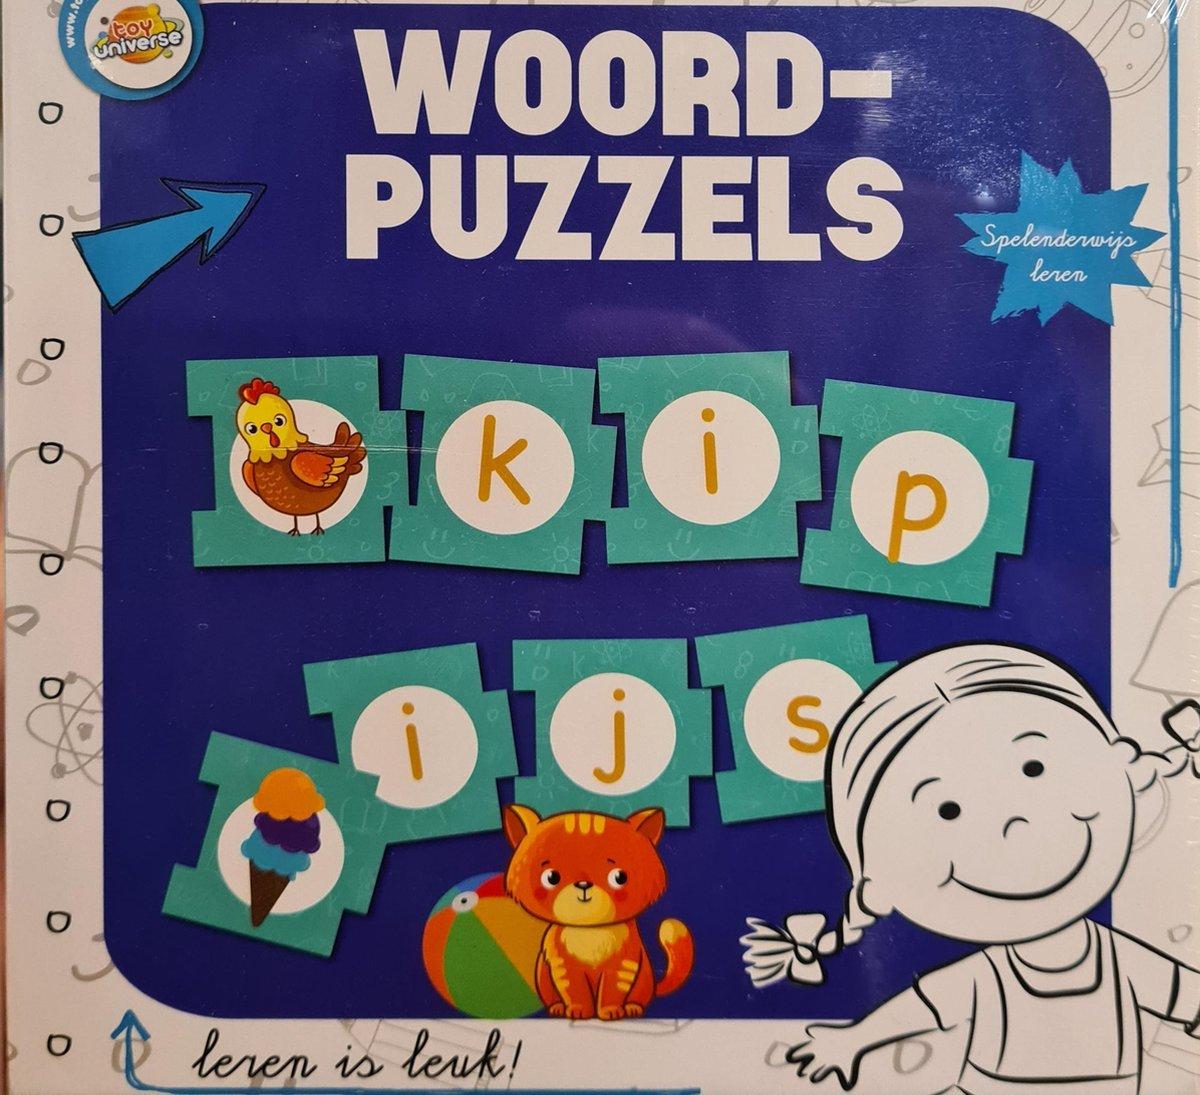 Woord Puzzels - Leren is leuk 30 Stuks in doos - Blauw